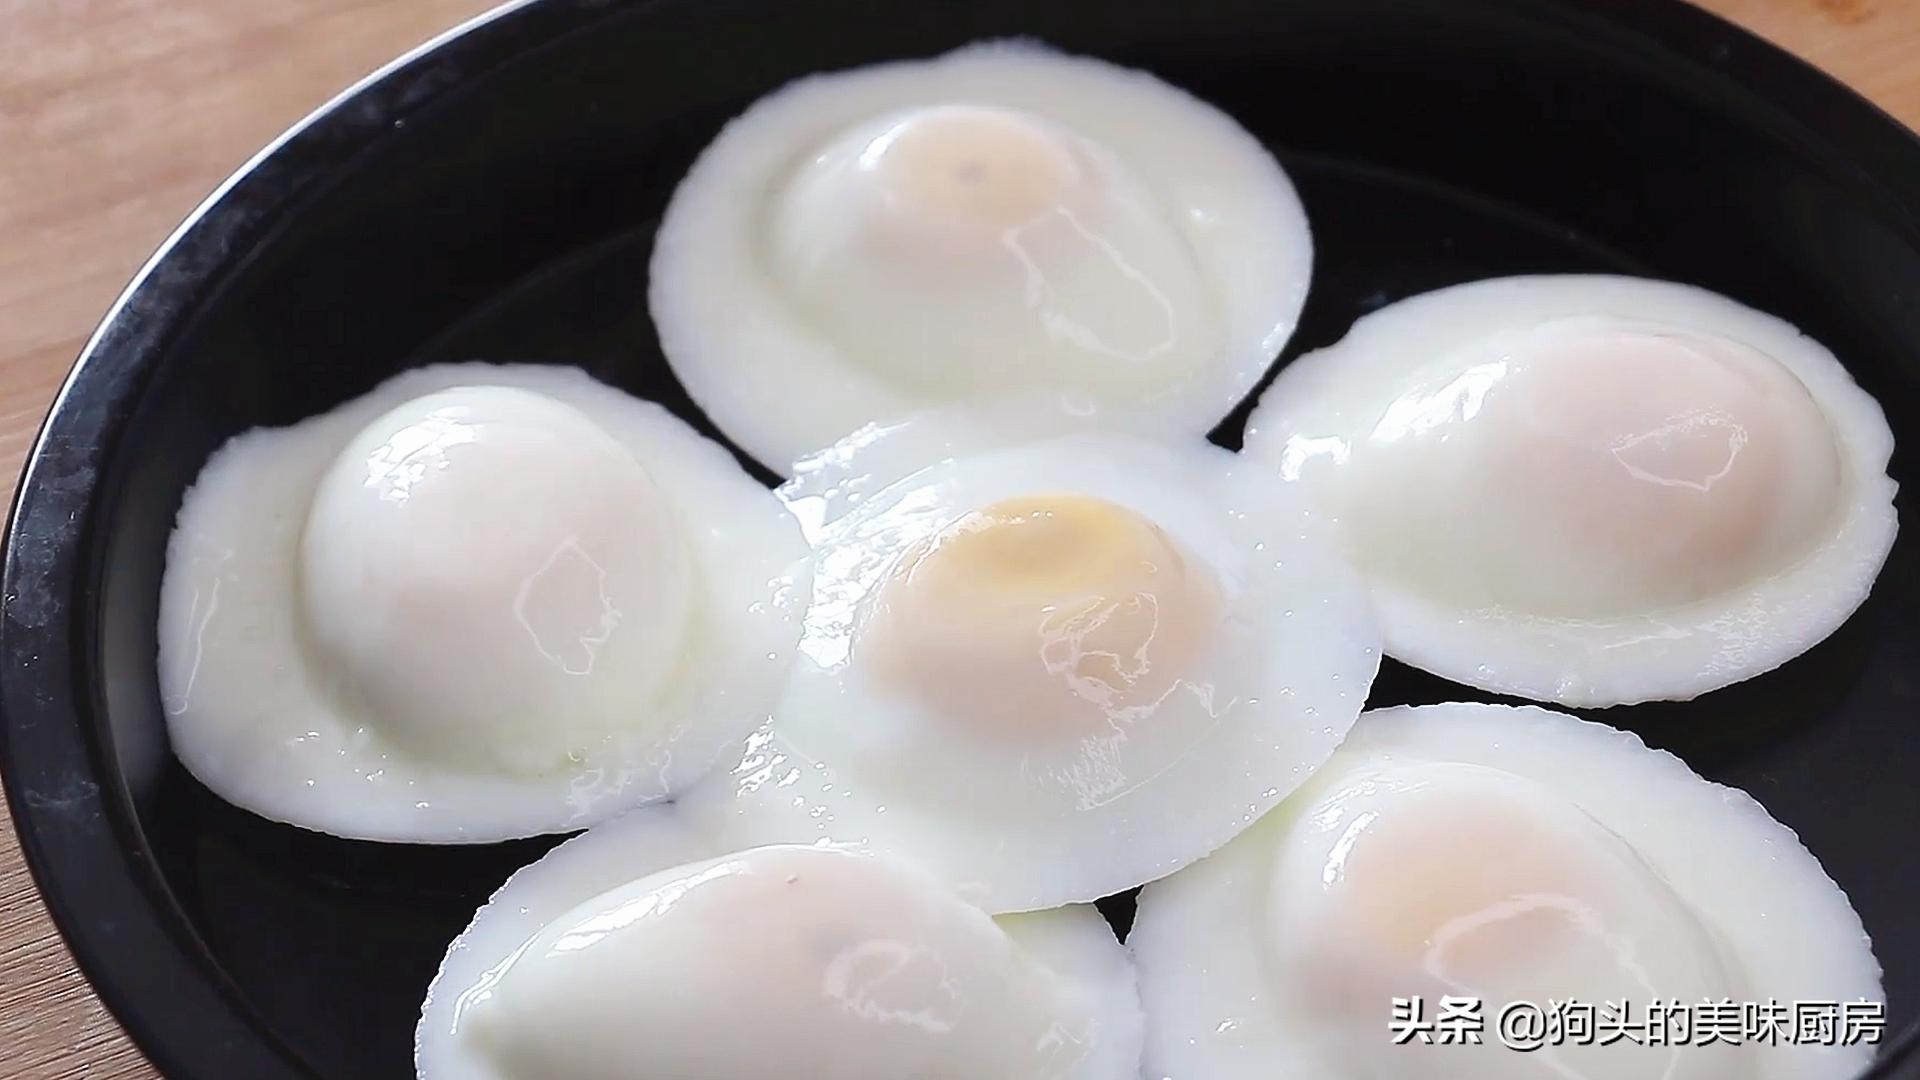 婆婆做的荷包蛋圆润不散,看了做法后,才知道方法用得不对 美食做法 第2张